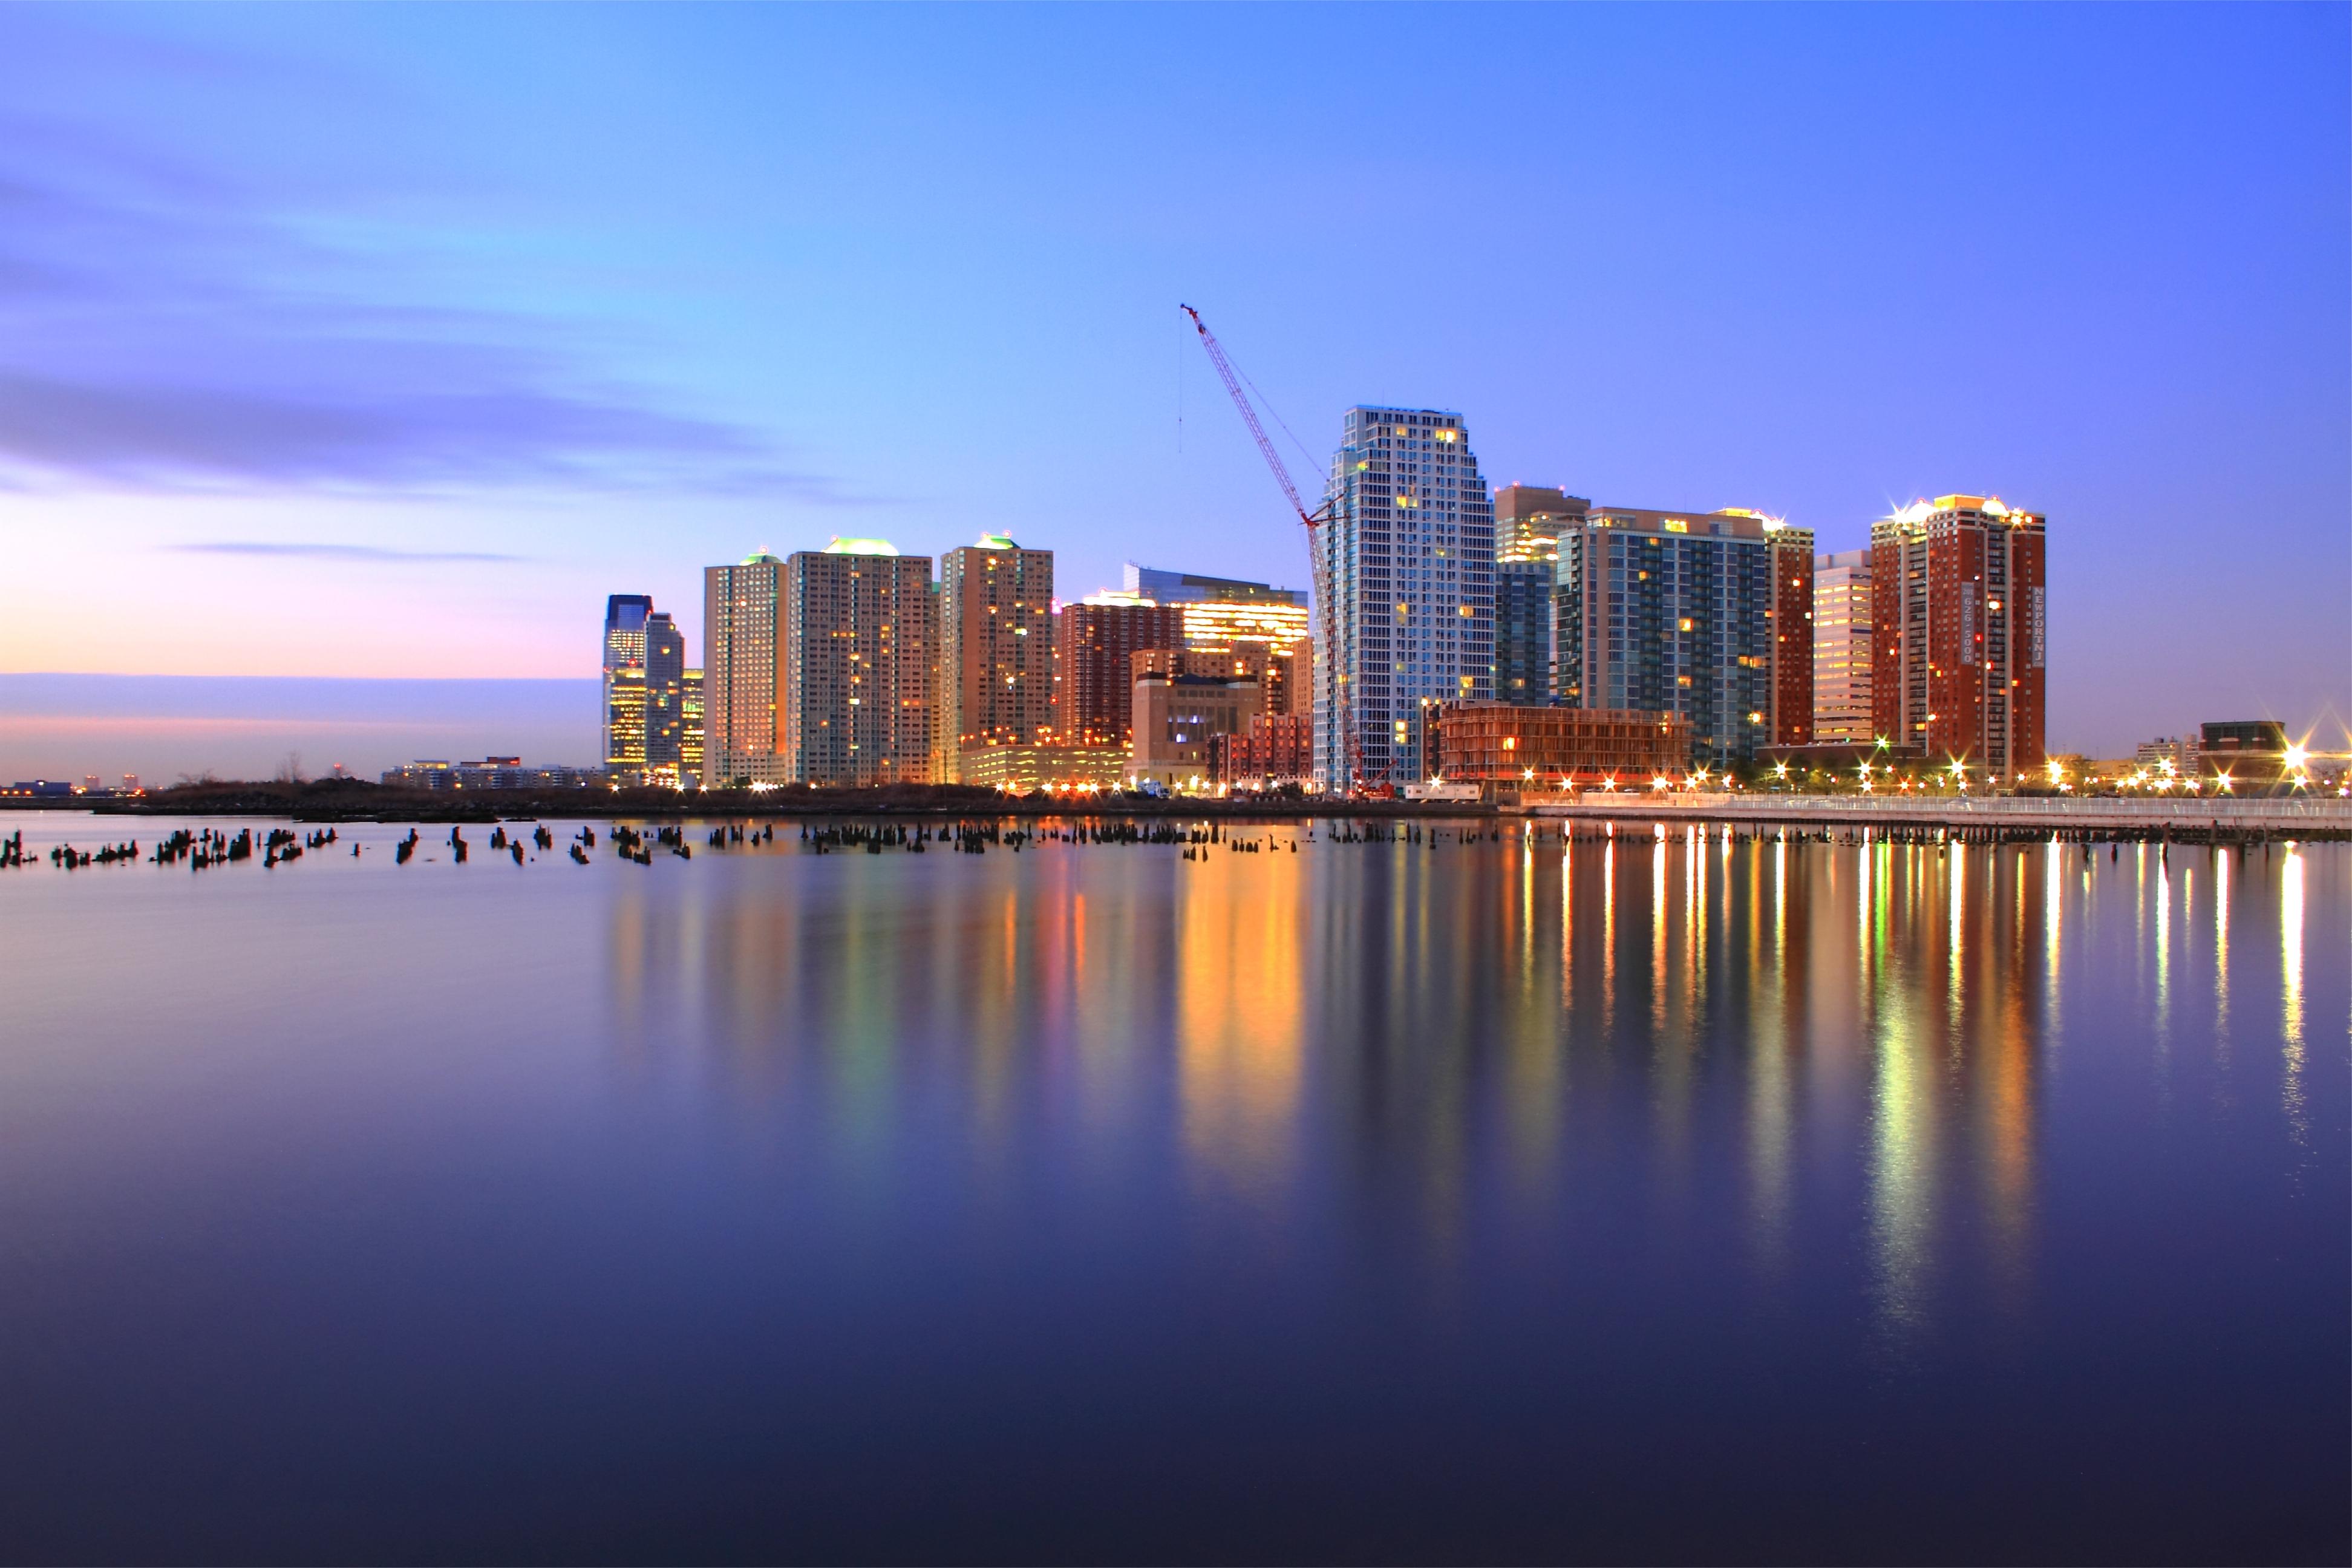 wallpaper : usa, jersey city, new jersey, port, purple, night, pink